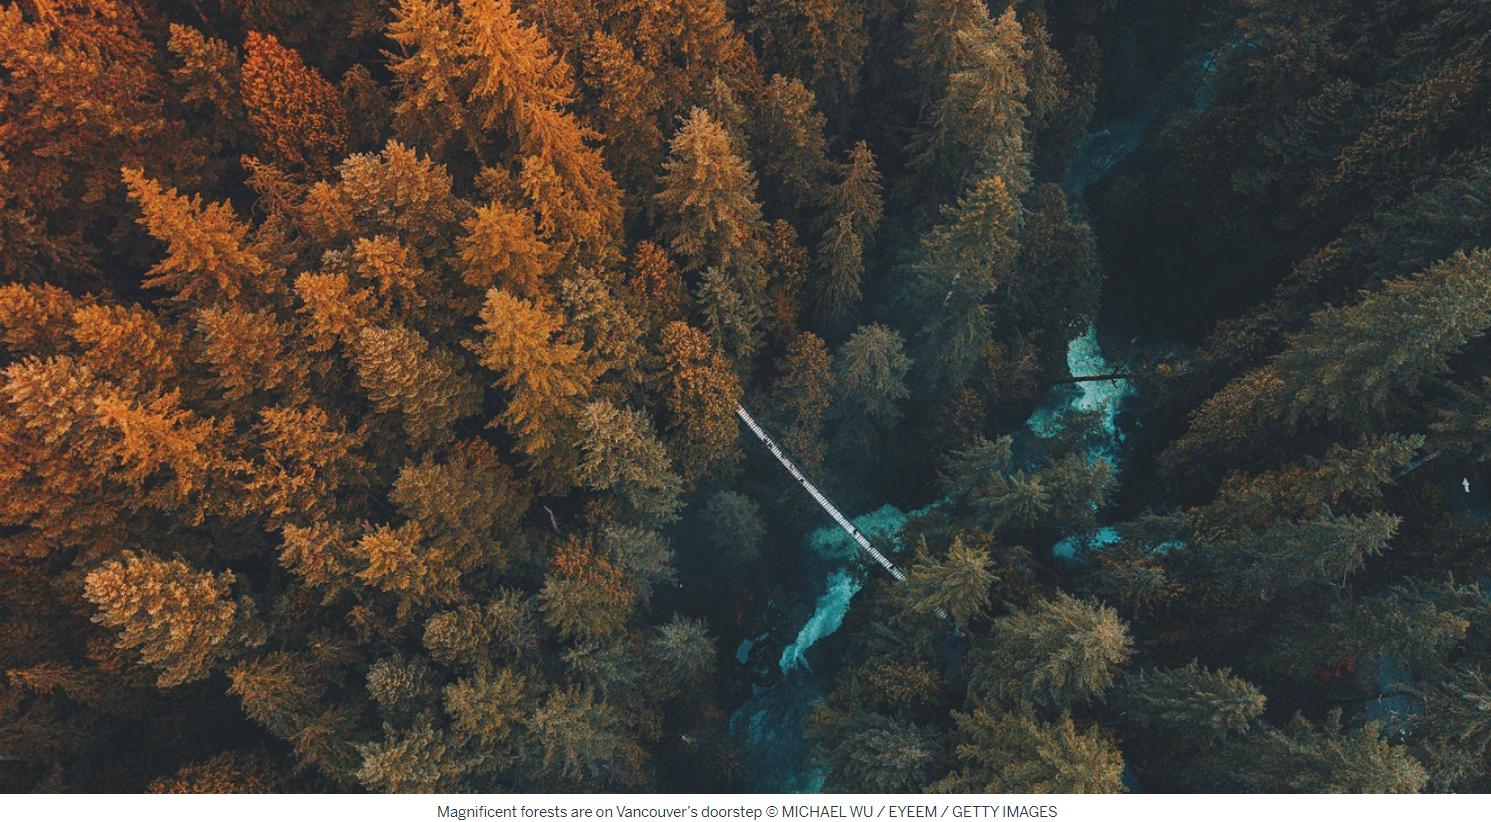 """国际旅游指南《孤独星球LonlyPlanet》最近刚刚公布""""2020年最值得游览的十大城市""""榜单,温哥华位列其中之一。排名着眼于拥有可持续旅行体验的最佳目的地和旅程,这意味着可持续发展和环境倡议等因素也被考虑在内。温哥华是唯一上榜的加拿大城市,也是北美仅有的三个城市之一。《孤独星球》亲切地将温哥华描述为""""一个天然的游乐场—被太平洋蓝色的海水和北岸森林所簇拥着。""""排名称,温哥华是1971年成立的环保组织绿色和平(Greenpeace)的诞生..."""